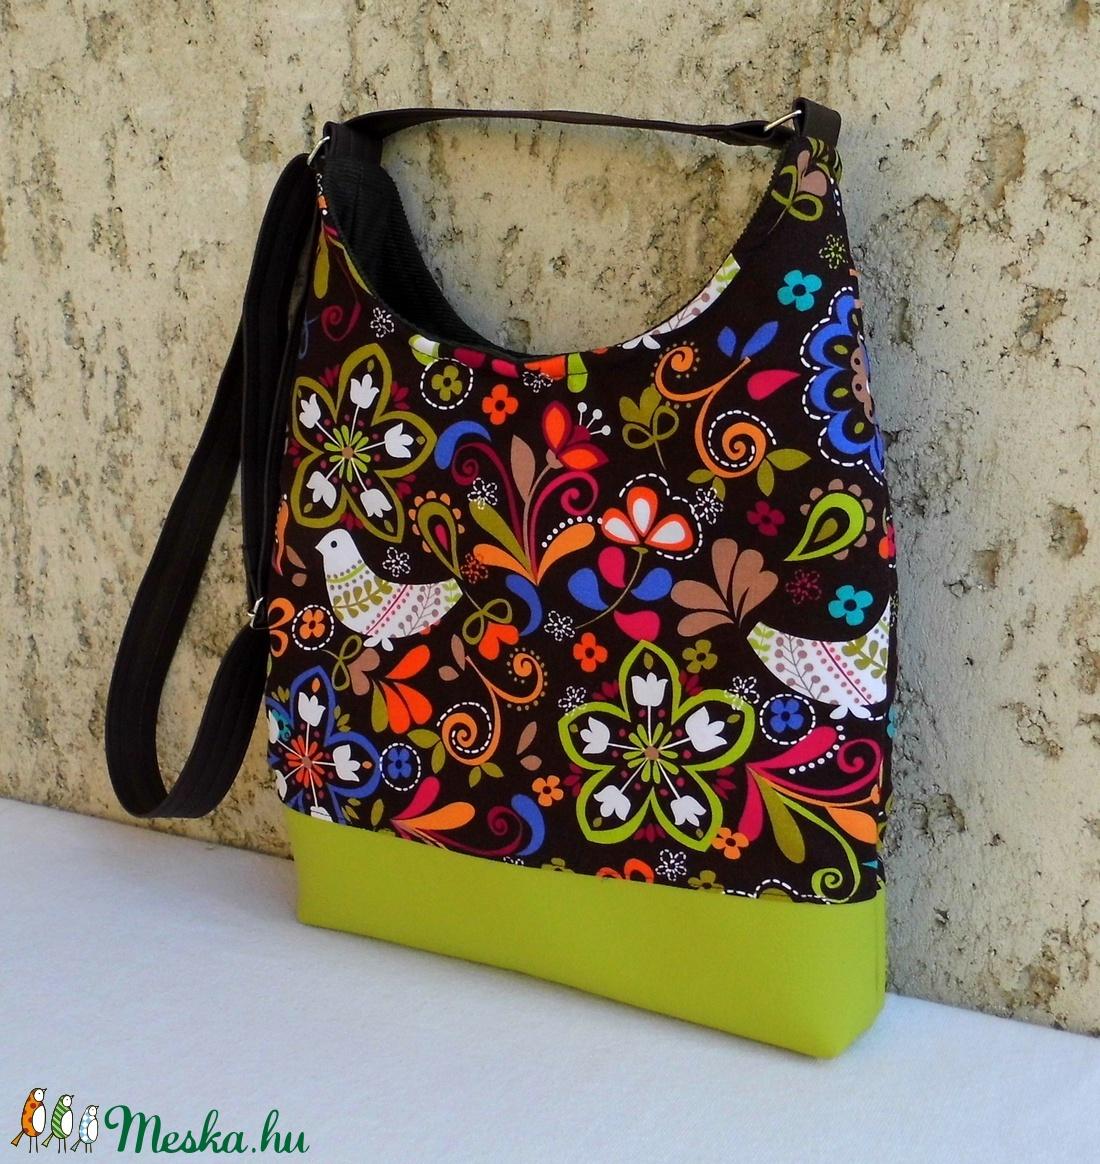 Népmesés női táska (smagdi) - Meska.hu 3048571be2